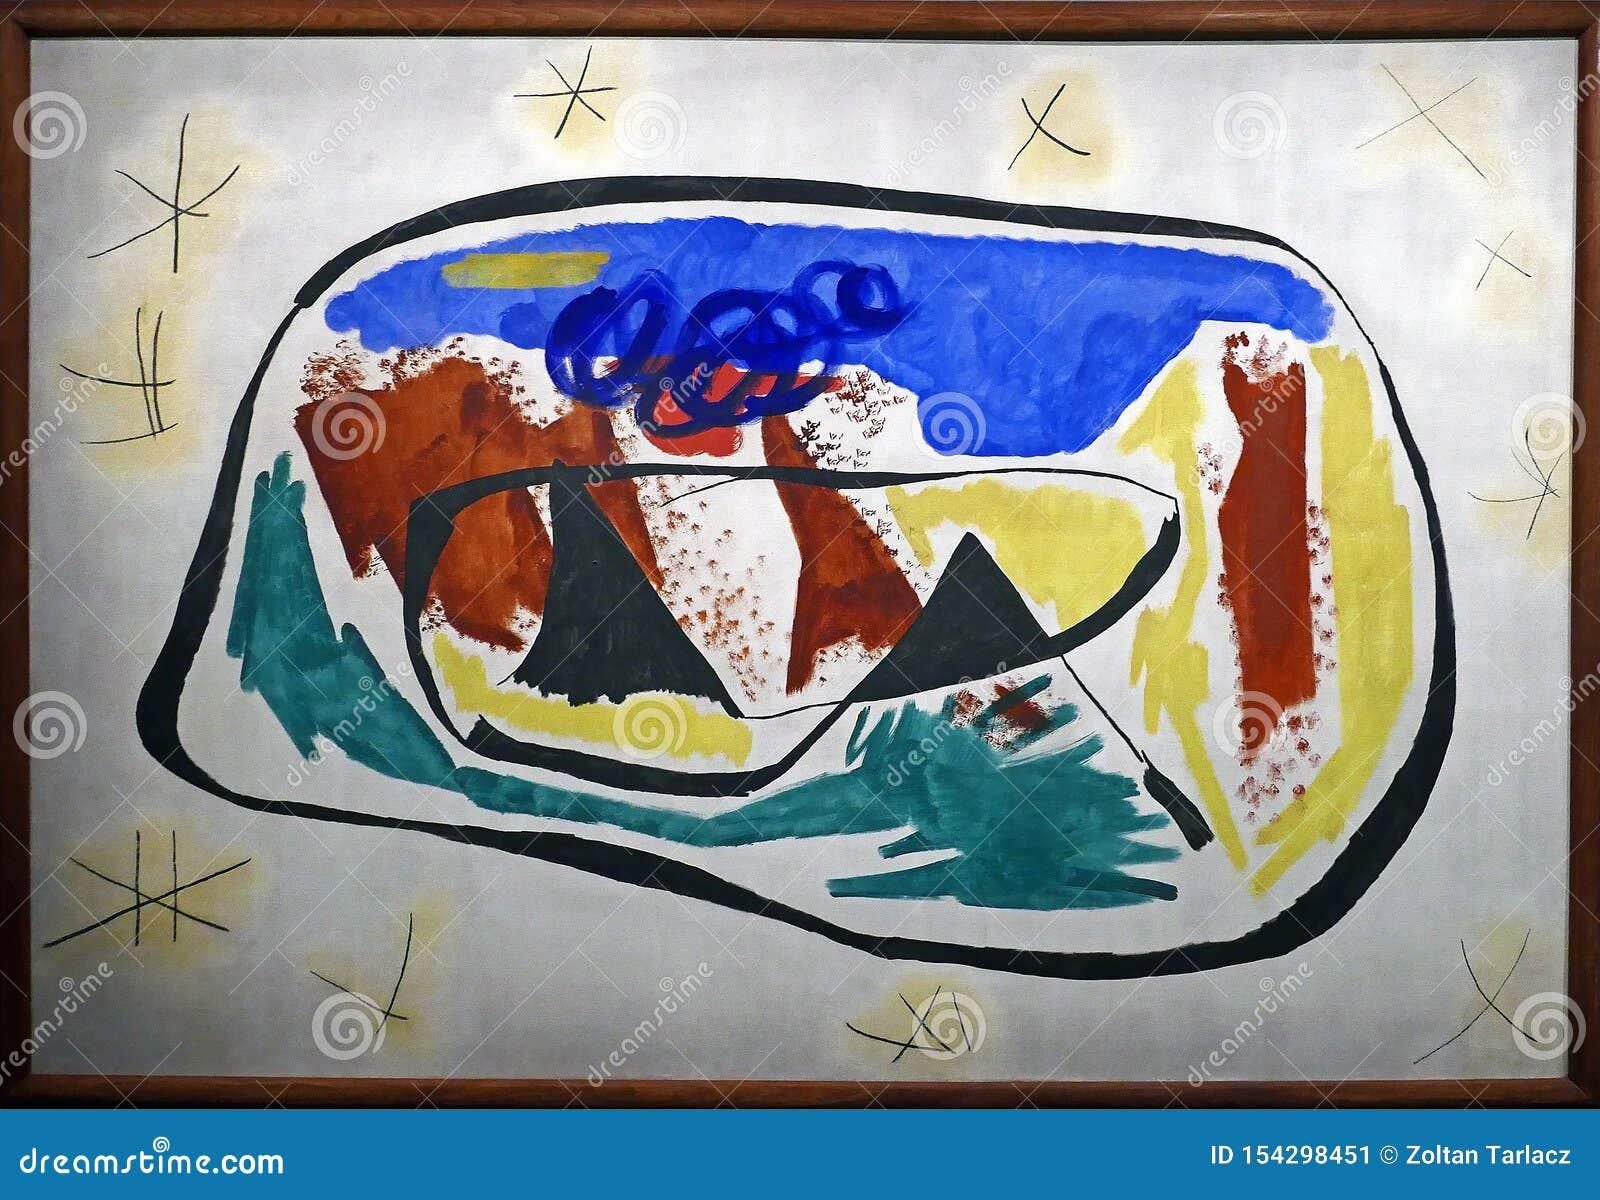 原始的绘画的照片:'绘画'胡安・米罗